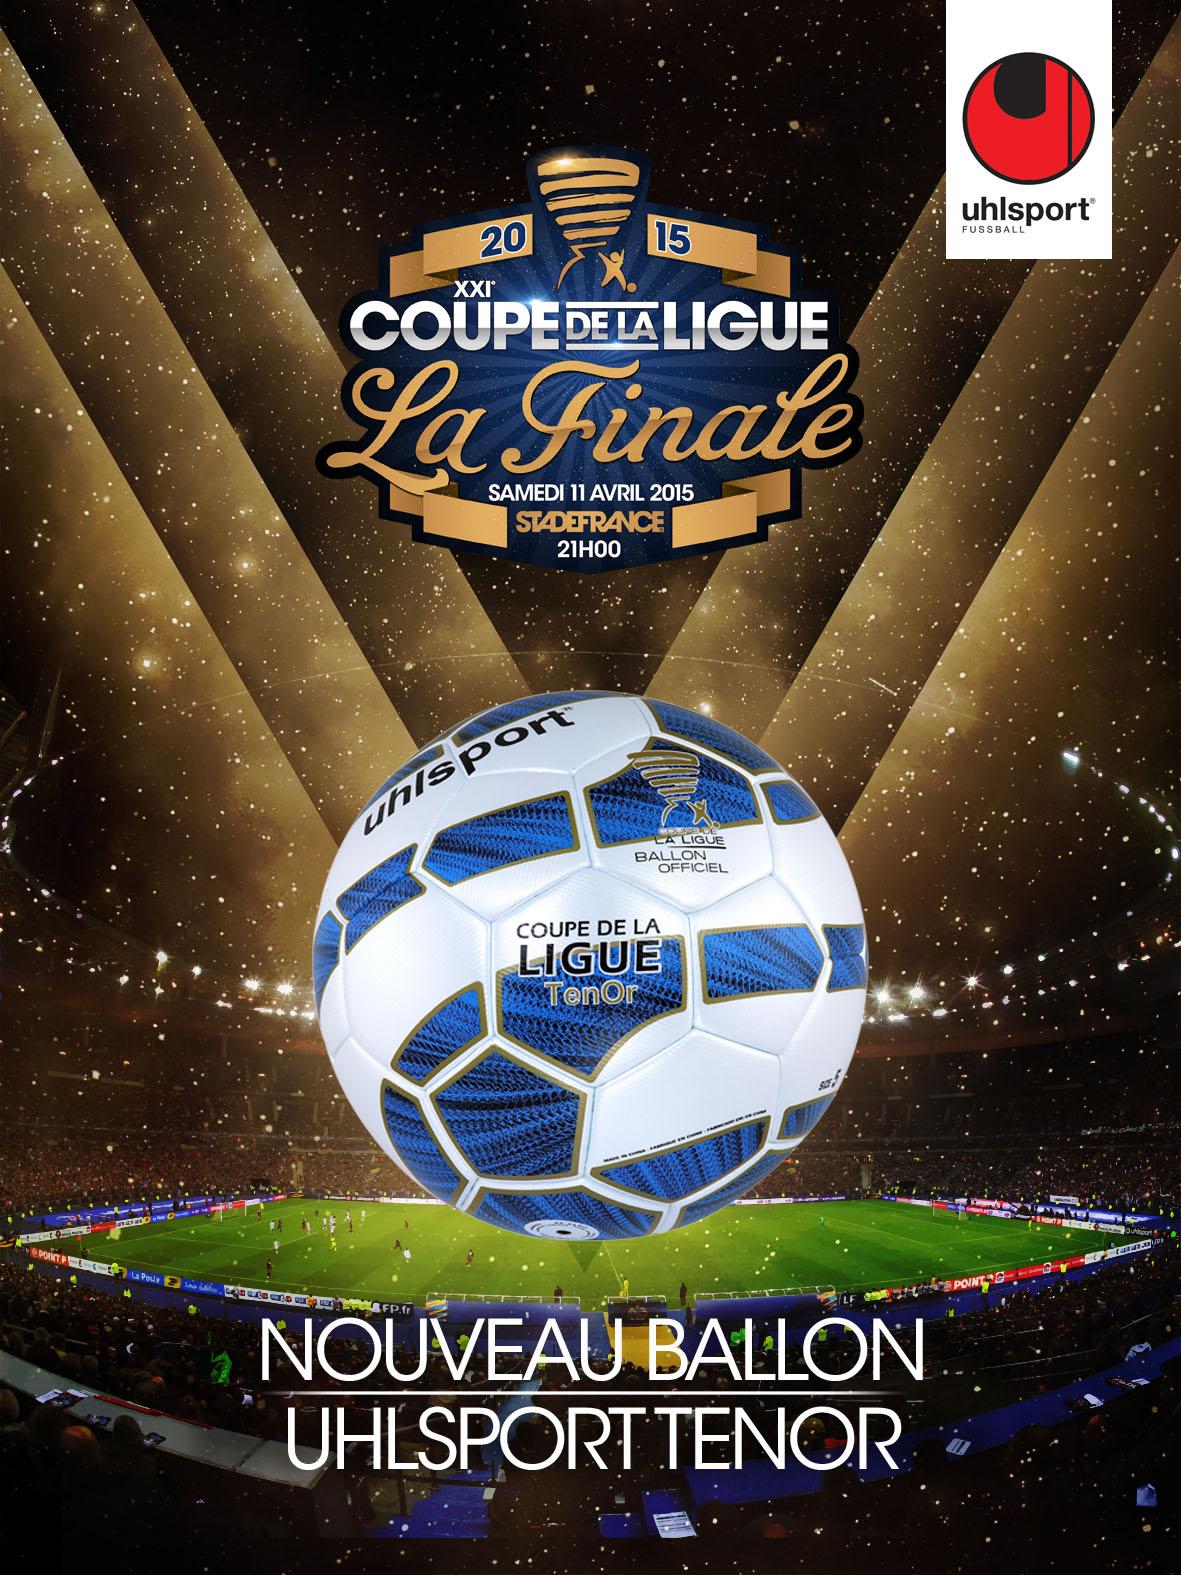 Concours 5 ballons tenor uhlsport de la finale de la coupe de la ligue 2015 gagner - Coupe de la ligue finale 2015 ...